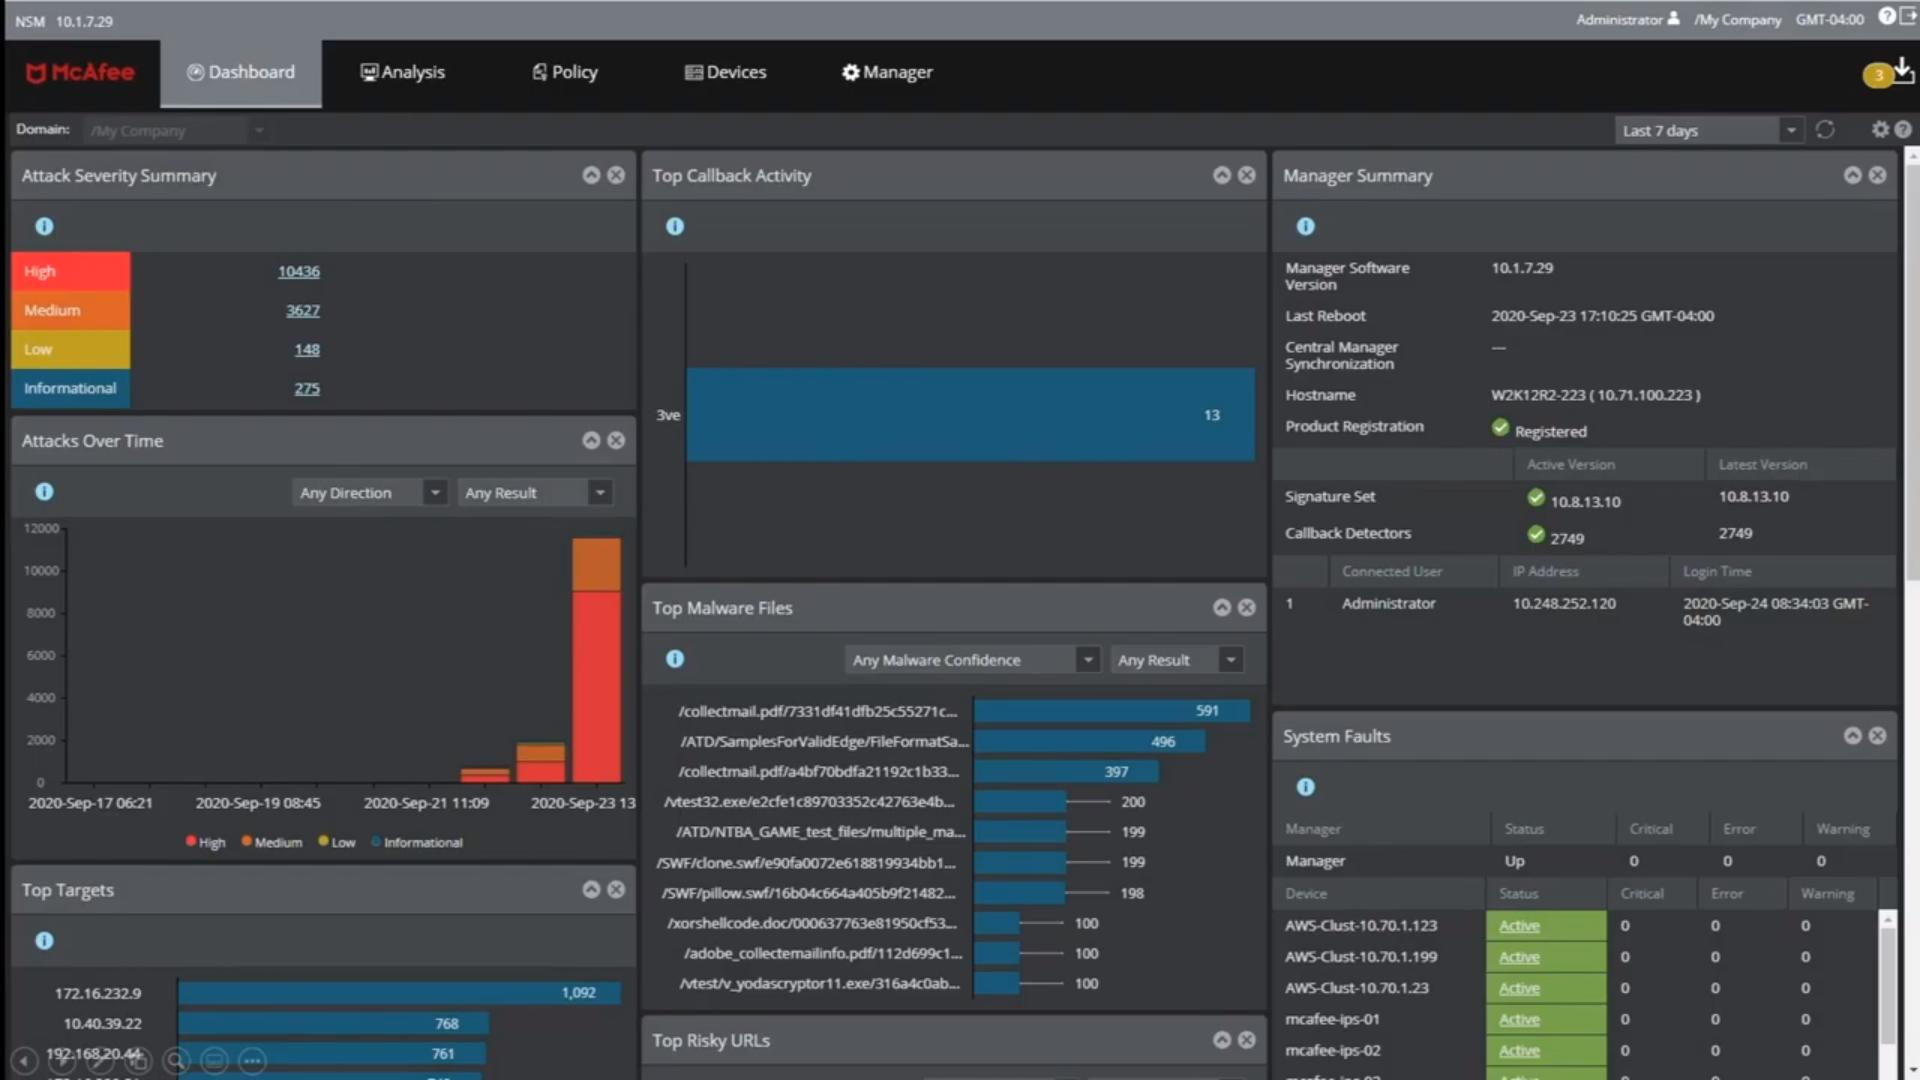 McAfee Network Security Platform threat analysis dashboard